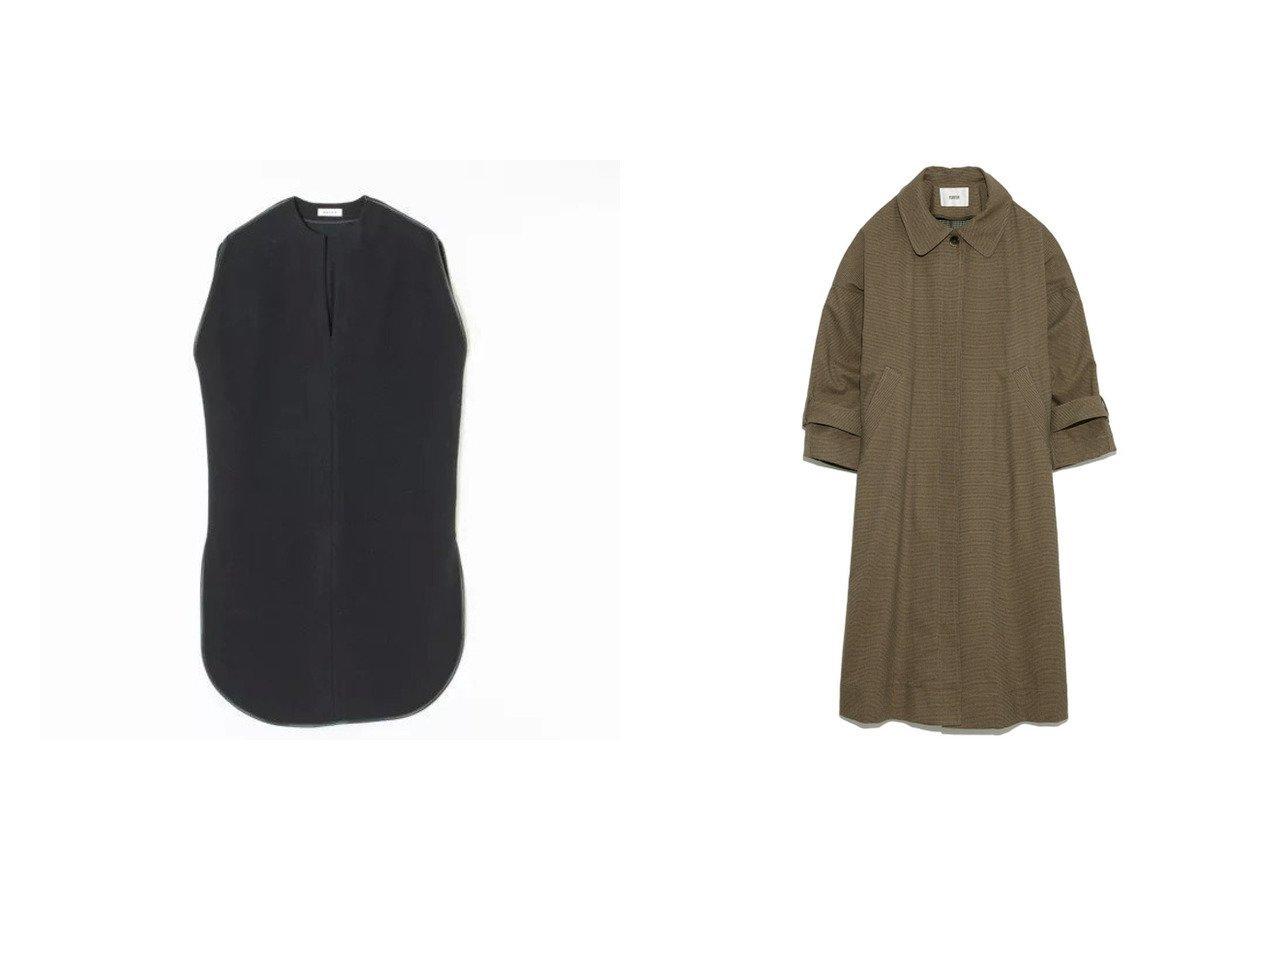 【SACRA/サクラ】のカフタンベスト/WOOL PILE&【FURFUR/ファーファー】のロングステンカラーコート 【アウター】おすすめ!人気、トレンド・レディースファッションの通販 おすすめで人気の流行・トレンド、ファッションの通販商品 インテリア・家具・メンズファッション・キッズファッション・レディースファッション・服の通販 founy(ファニー) https://founy.com/ ファッション Fashion レディースファッション WOMEN アウター Coat Outerwear コート Coats スキッパー スリット トリミング ノースリーブ パイピング フォルム ベスト 2021年 2021 2021-2022秋冬・A/W AW・Autumn/Winter・FW・Fall-Winter・2021-2022 A/W・秋冬 AW・Autumn/Winter・FW・Fall-Winter スマート フリル マニッシュ ヨーク リラックス ロング |ID:crp329100000060551